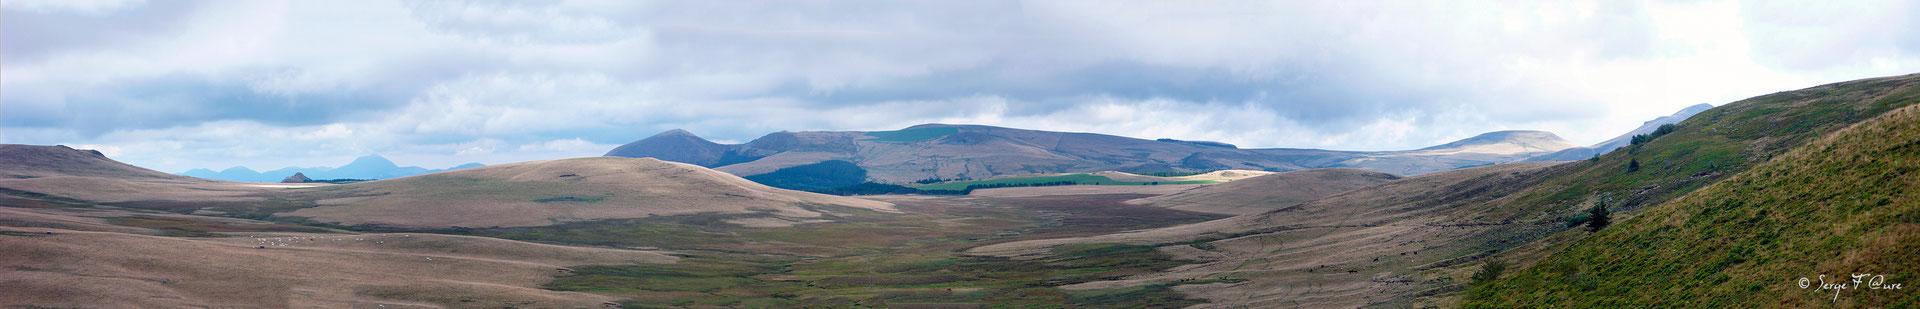 Estives du plateau du Guéry vu du Puy Gros - Massif du Sancy - Auvergne - France